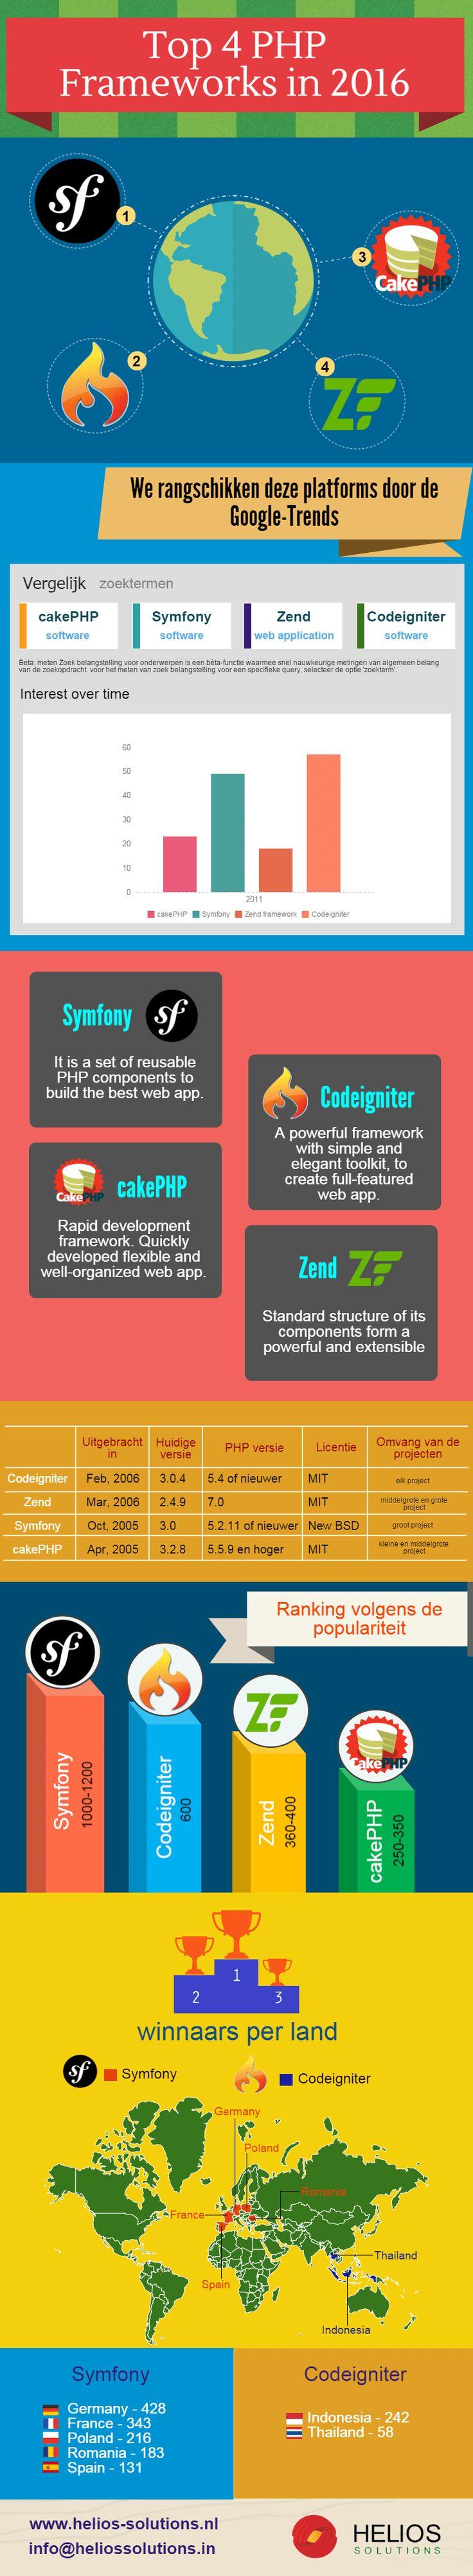 Ontwikkeling met PHP? Leer deze verbazingwekkende kaders die voldoen aan de hedendaagse normen van webontwikkeling. Een interessante info-afbeelding belicht de voordelen van elk van deze PHP frameworks. #OutsourcePHPOntwikkelingSpecialist, #OutsourcingPHP, #CakePHPSpecialist